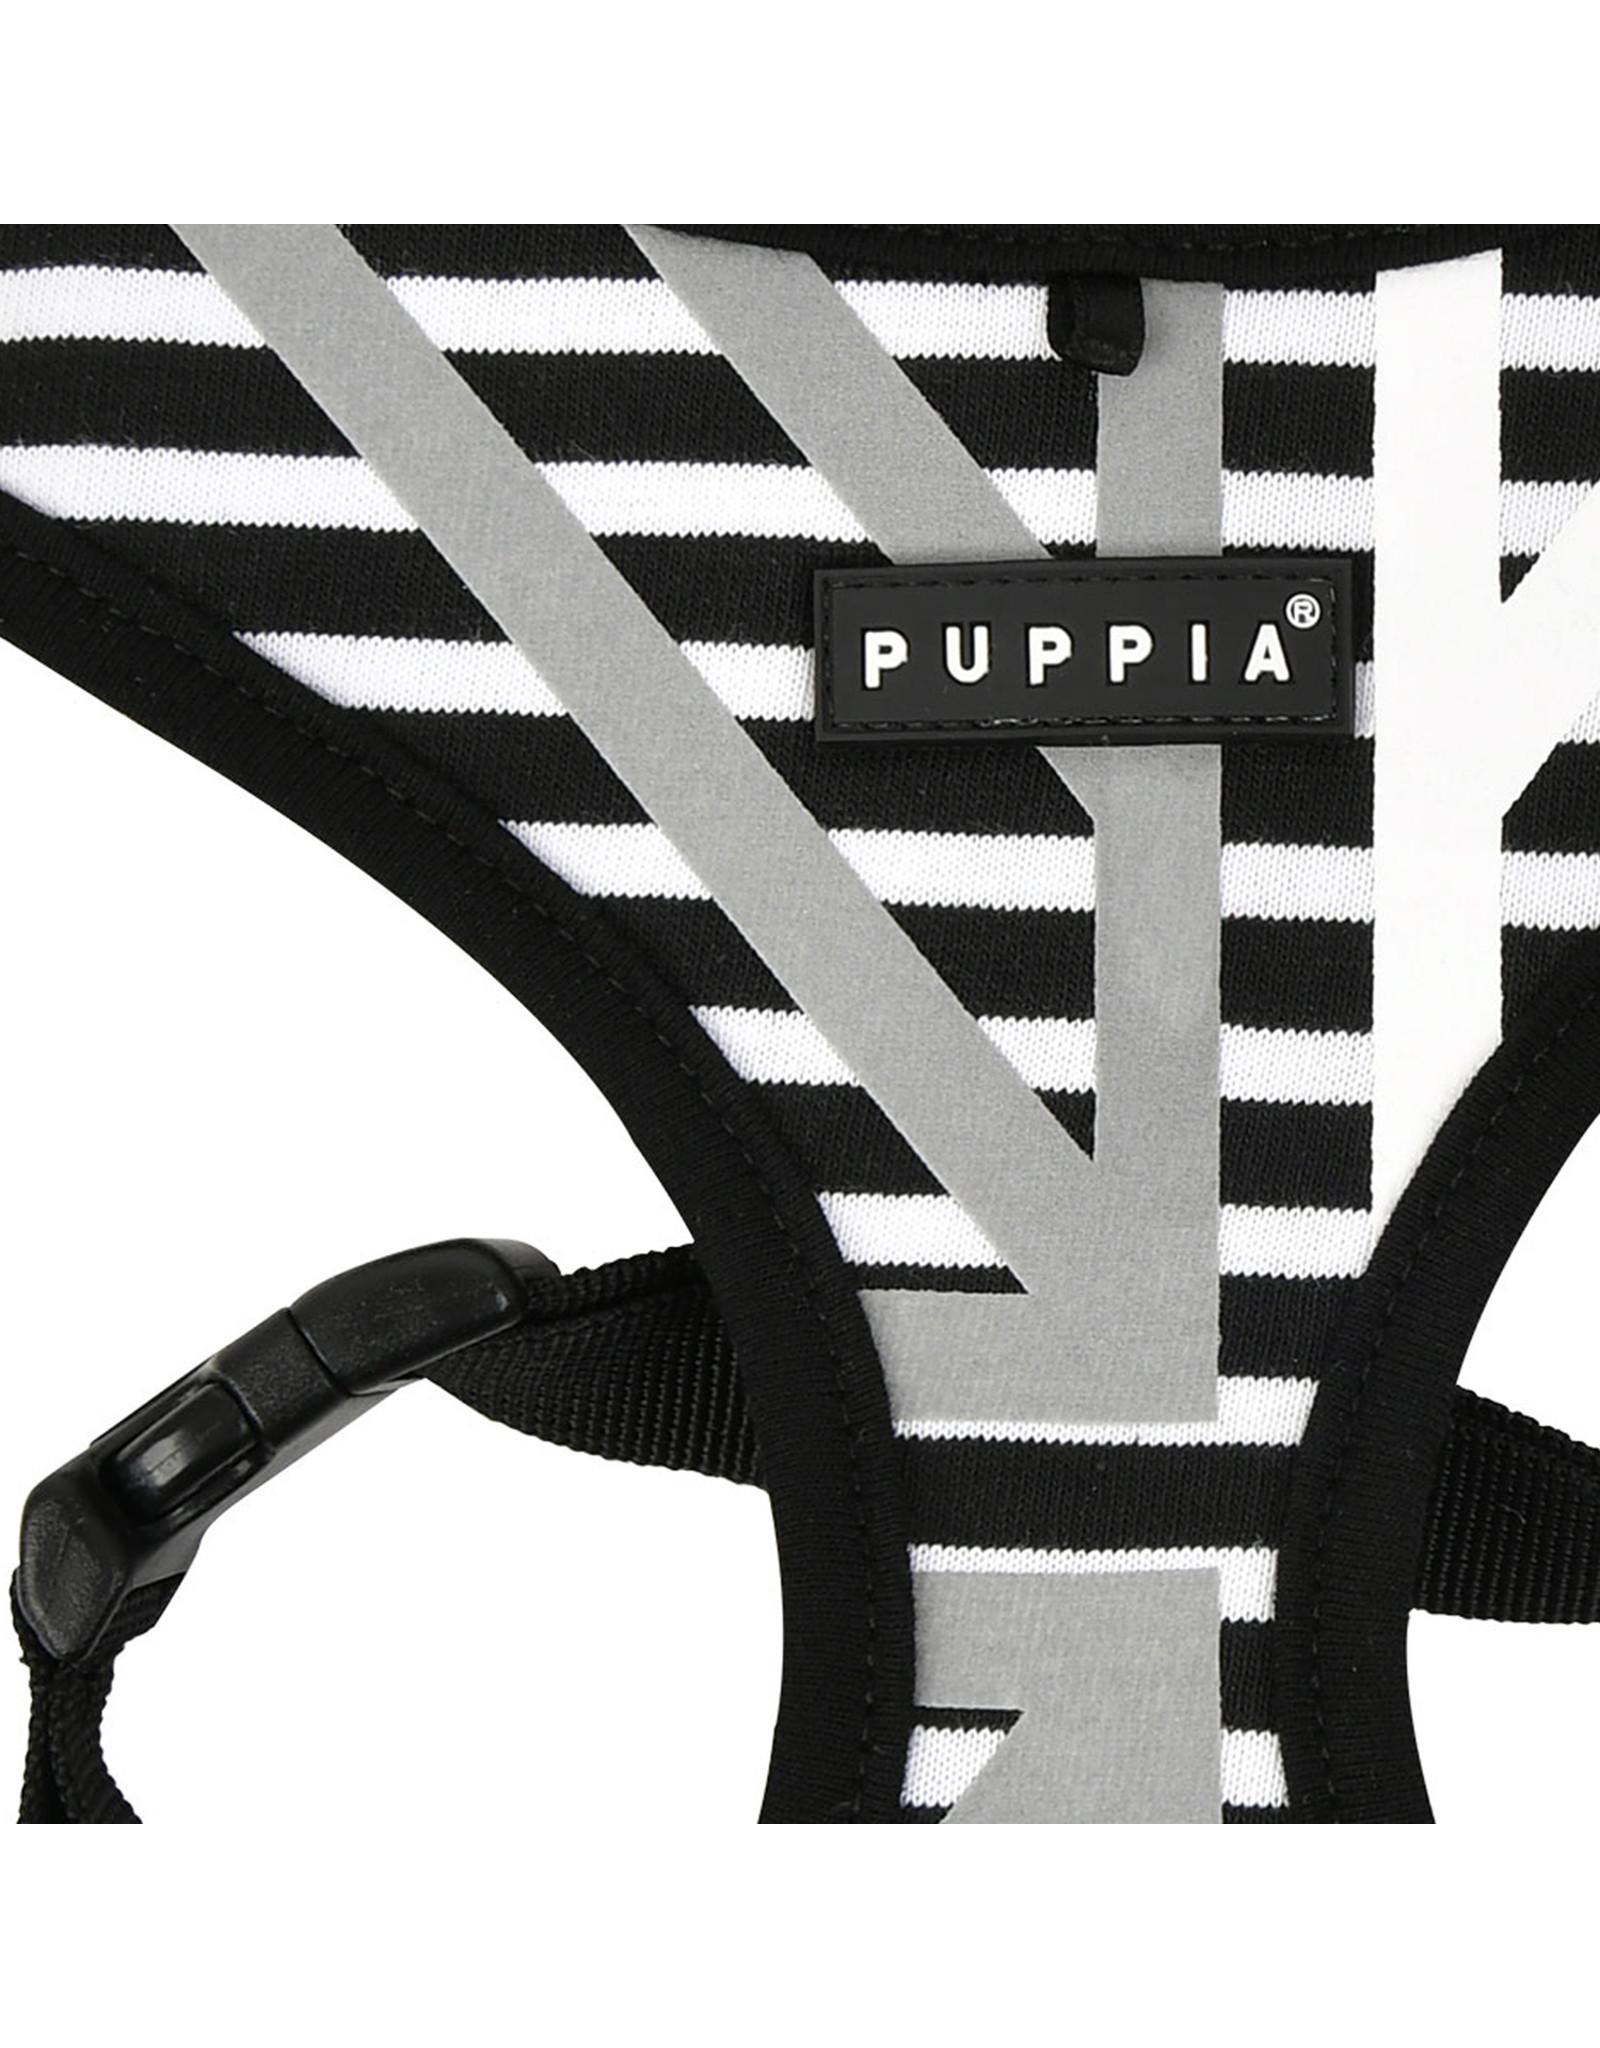 Puppia Puppia Briton Harness Model A Black